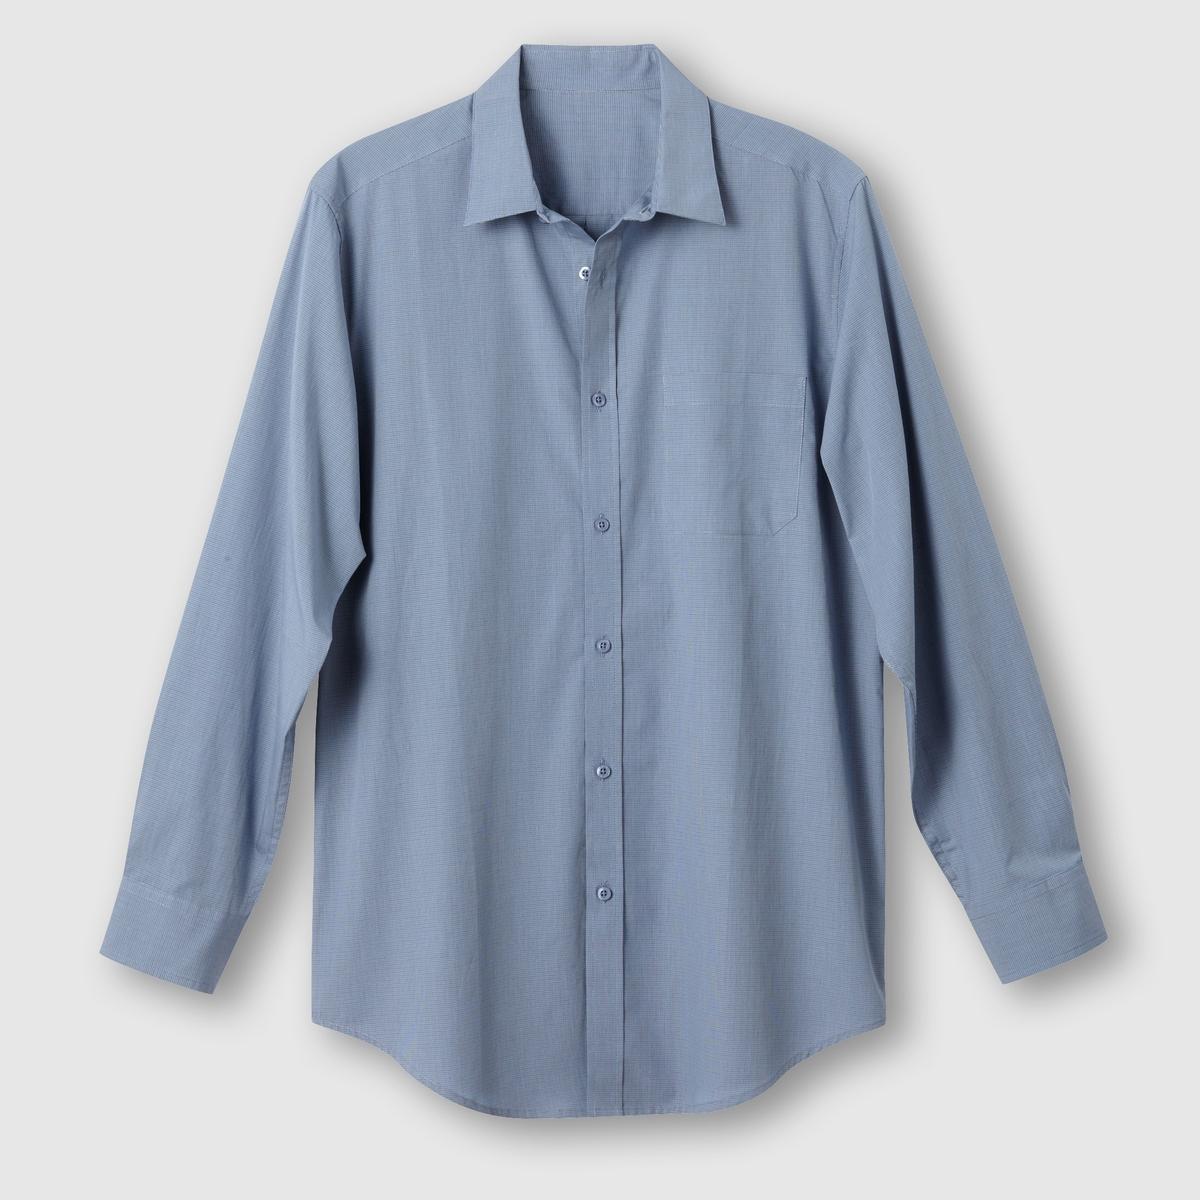 Рубашка из поплина, рост 2 (от 1,76 до 1,87 м)Рубашка с длинными рукавами.  Из оригинального поплина в полоску или в клетку с окрашенными волокнами. Воротник со свободными уголками. 1 нагрудный карман. Складка с вешалкой сзади. Слегка закругленный низ.Поплин, 100% хлопок. Рост 2 (при росте от 1,76 до 1,87 м) :  длина рубашки 85 см, длина рукава 65 см. Есть модели на рост 1 и 3.<br><br>Цвет: в клетку серый/синий<br>Размер: 43/44